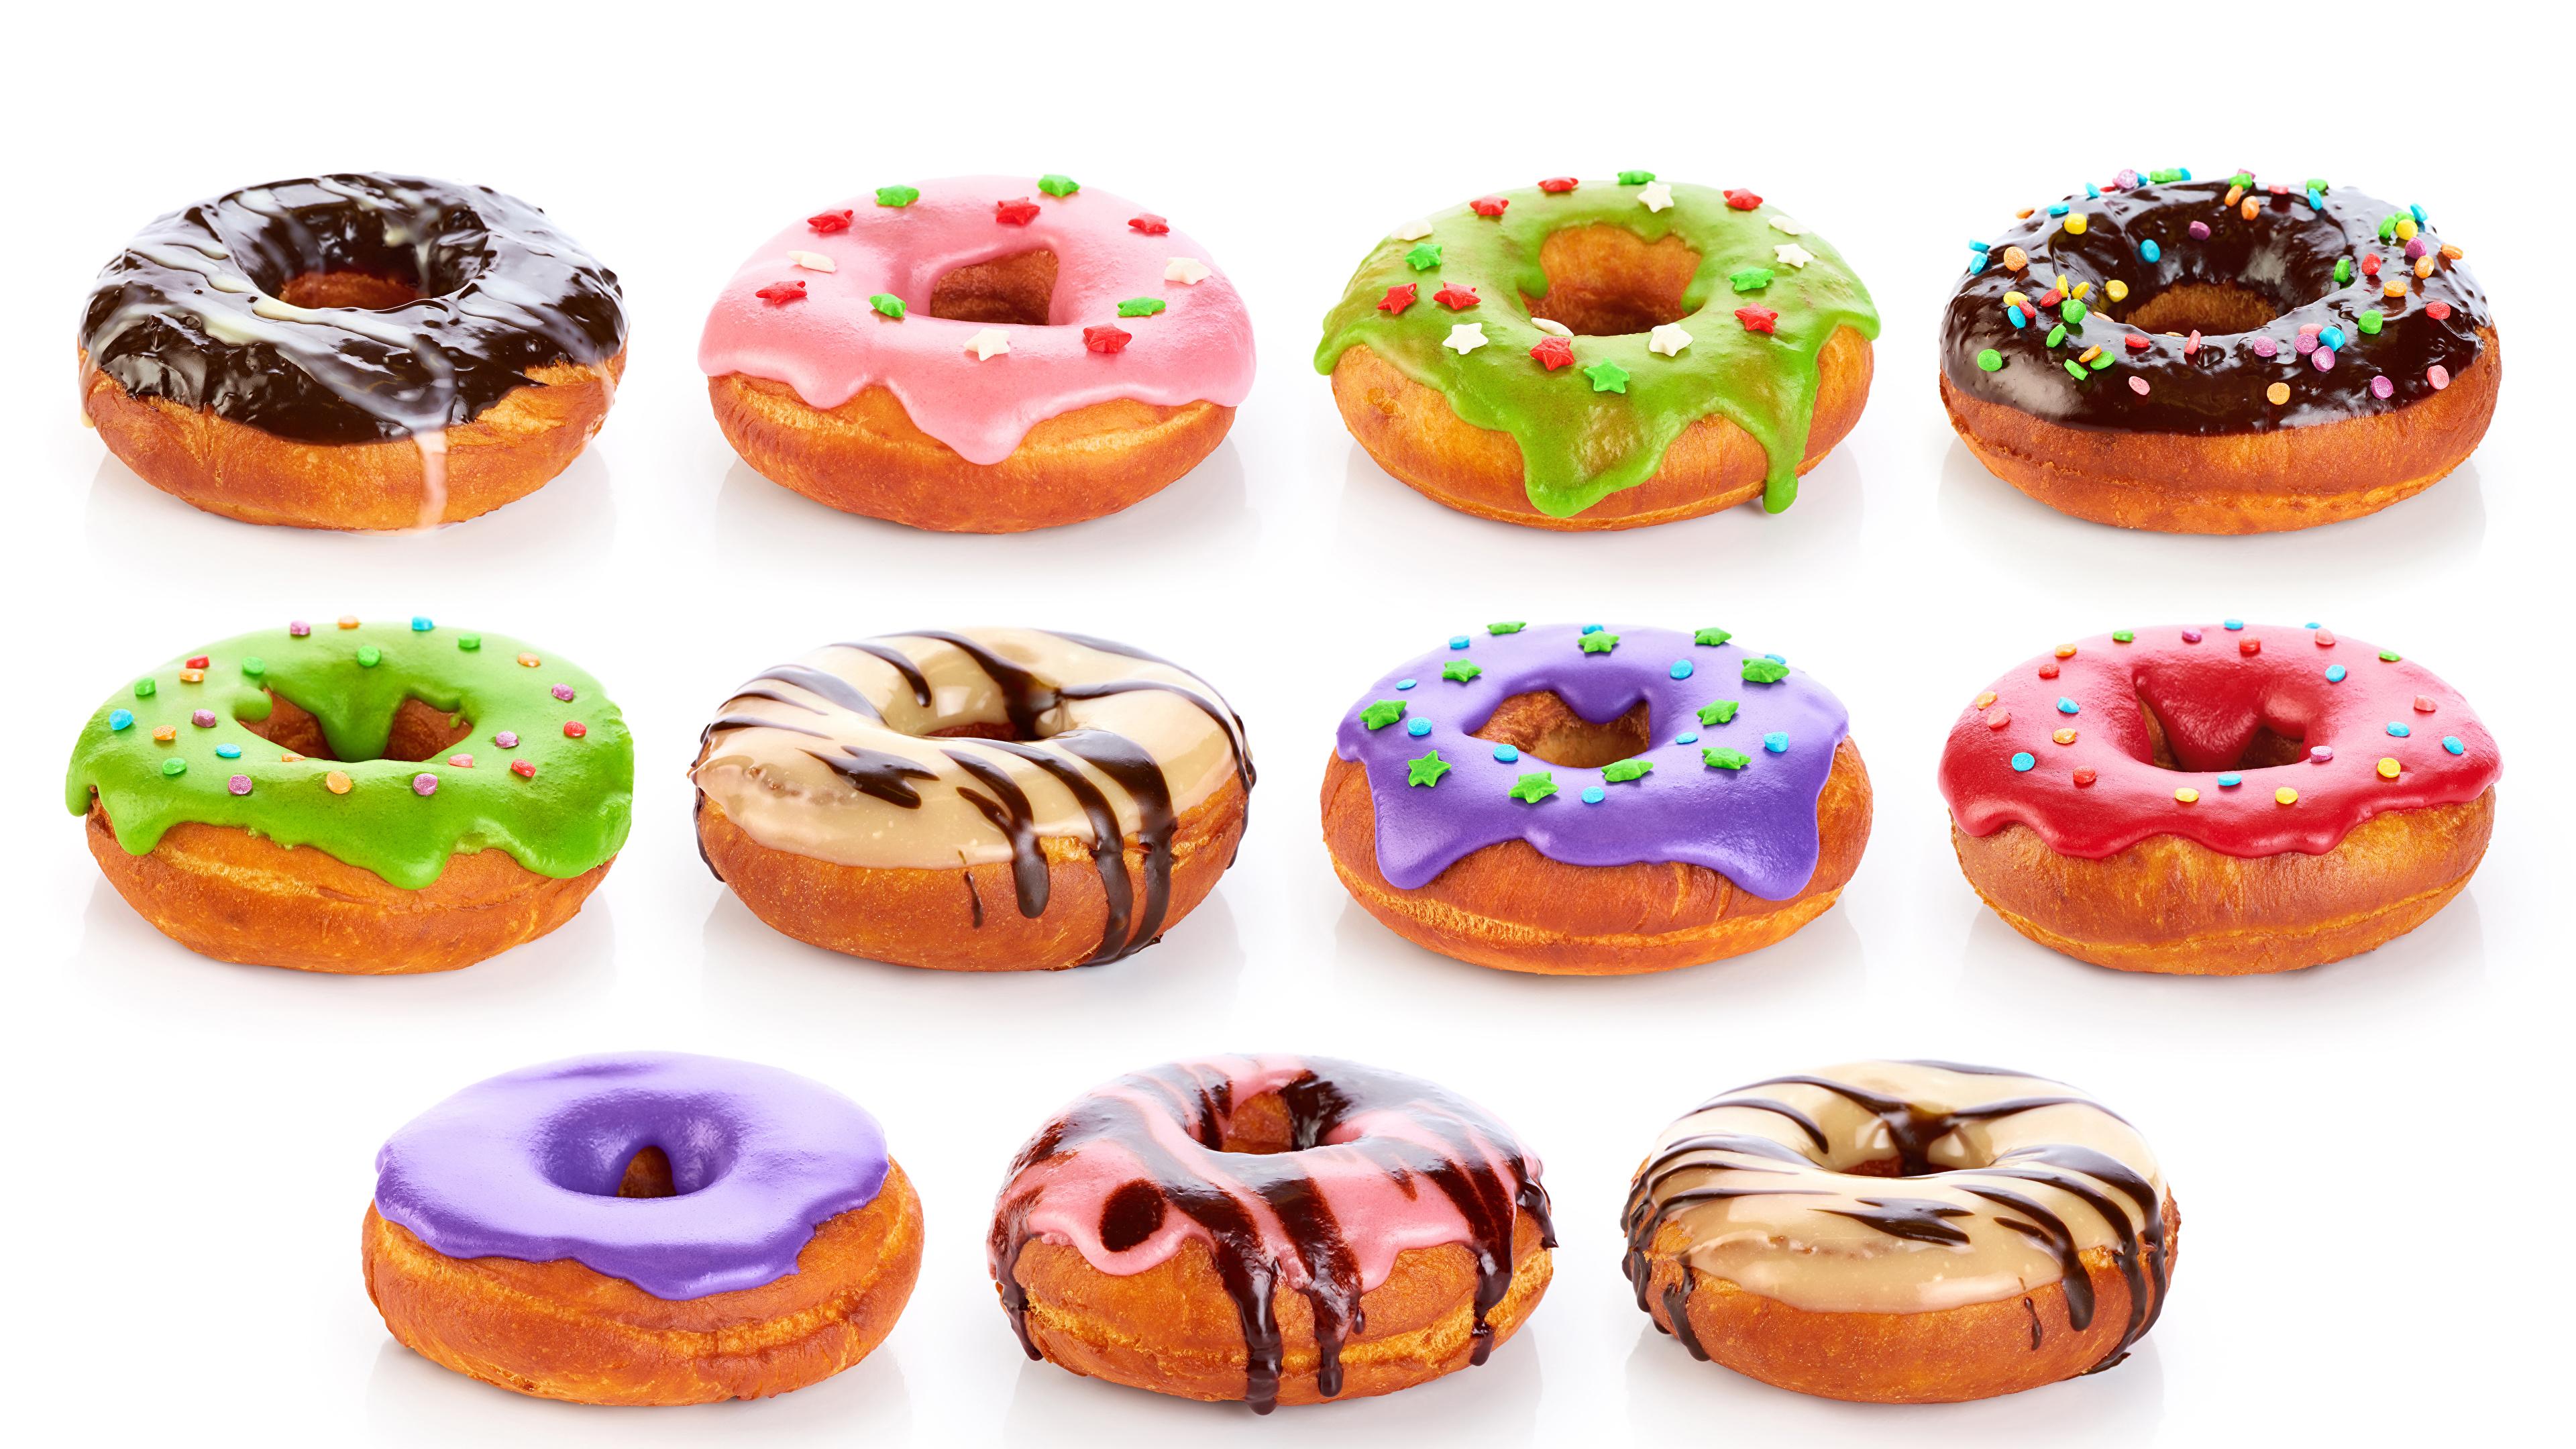 Картинка Разноцветные Шоколад Пончики Еда белом фоне 3840x2160 Пища Продукты питания Белый фон белым фоном